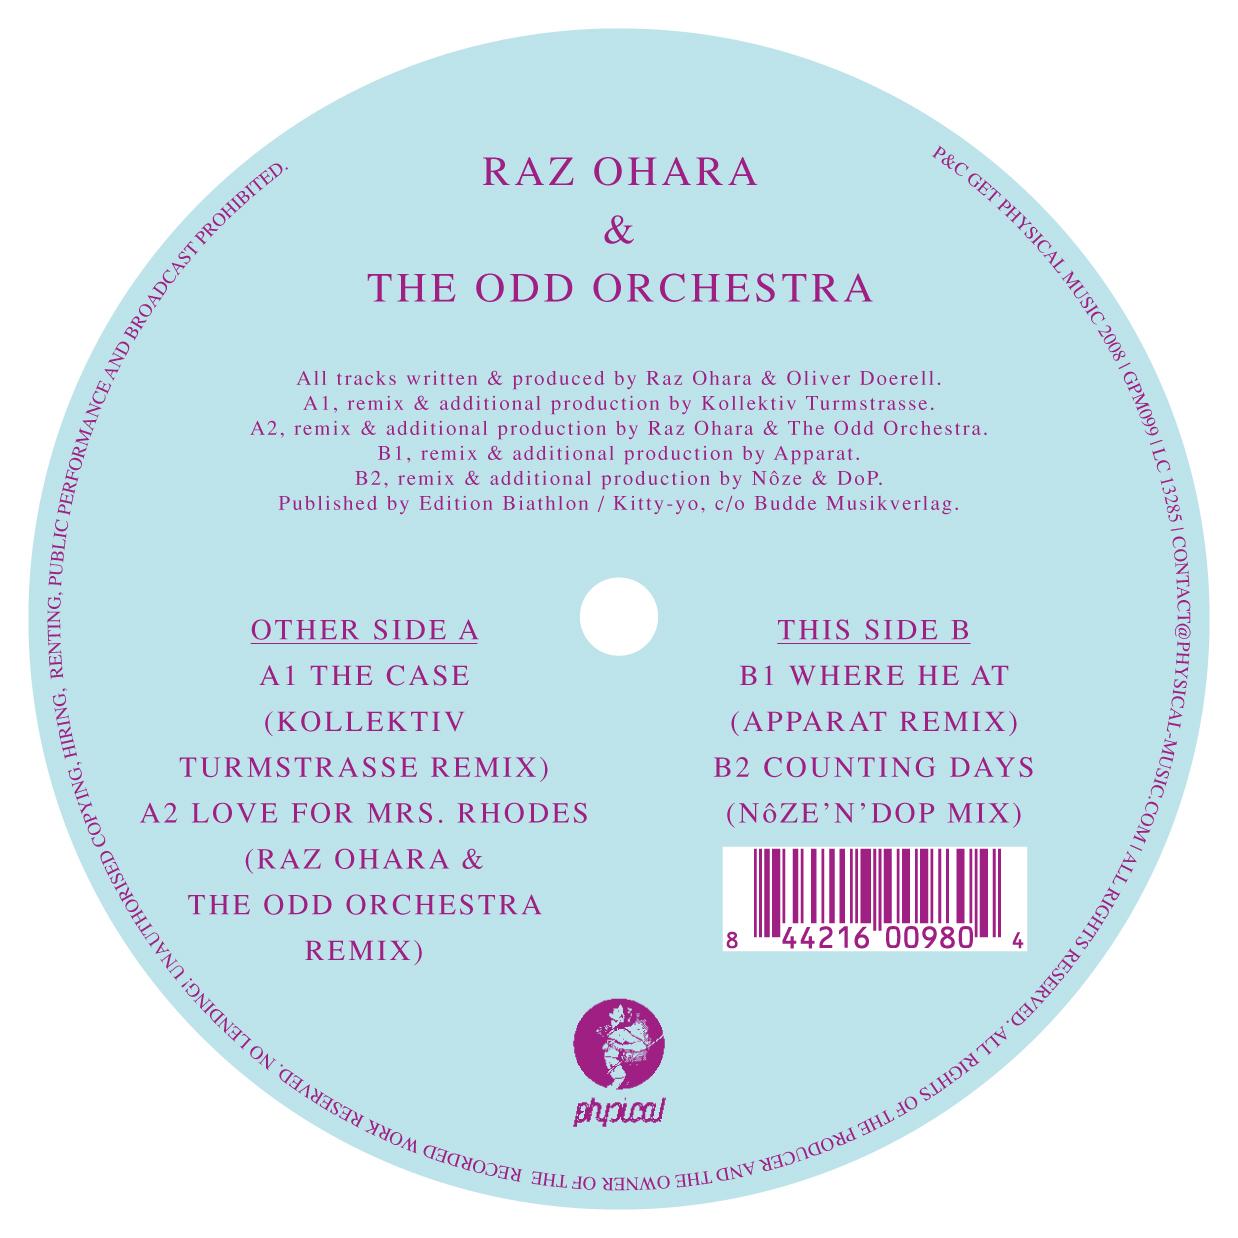 Raz Ohara - Various Remixes